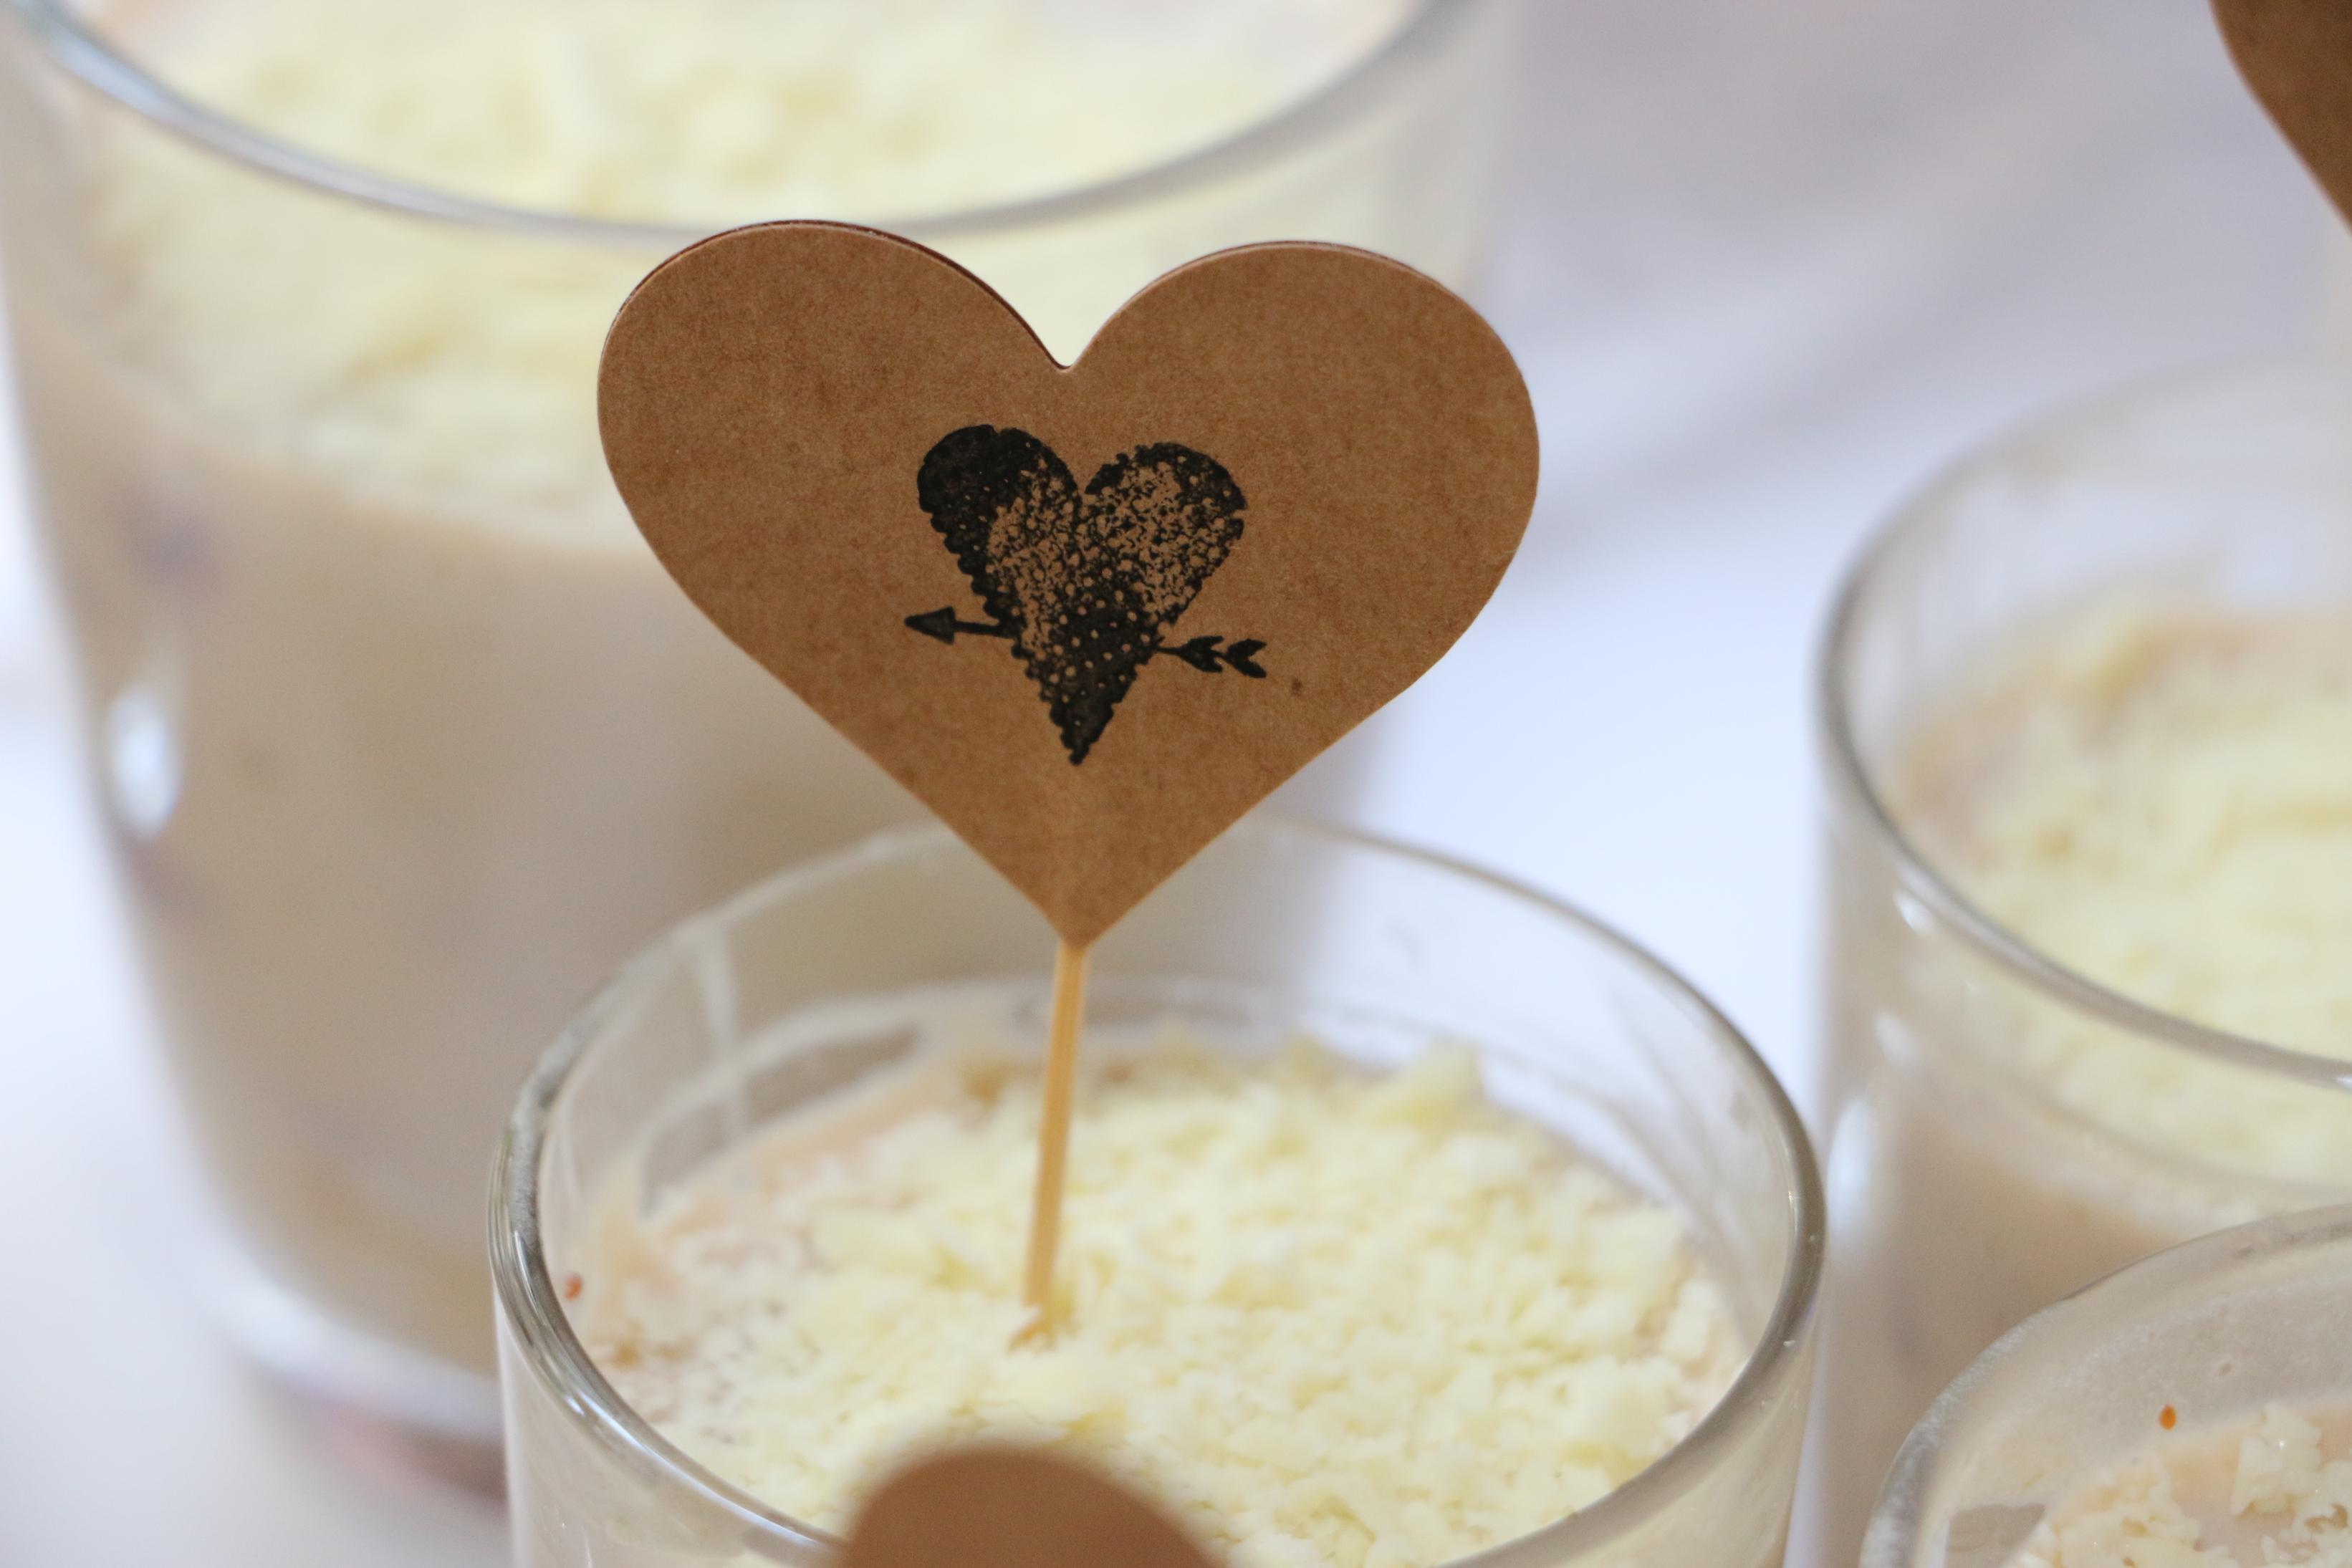 Foto von Herz-Karte in Dessert auf Hochzeitsfeier